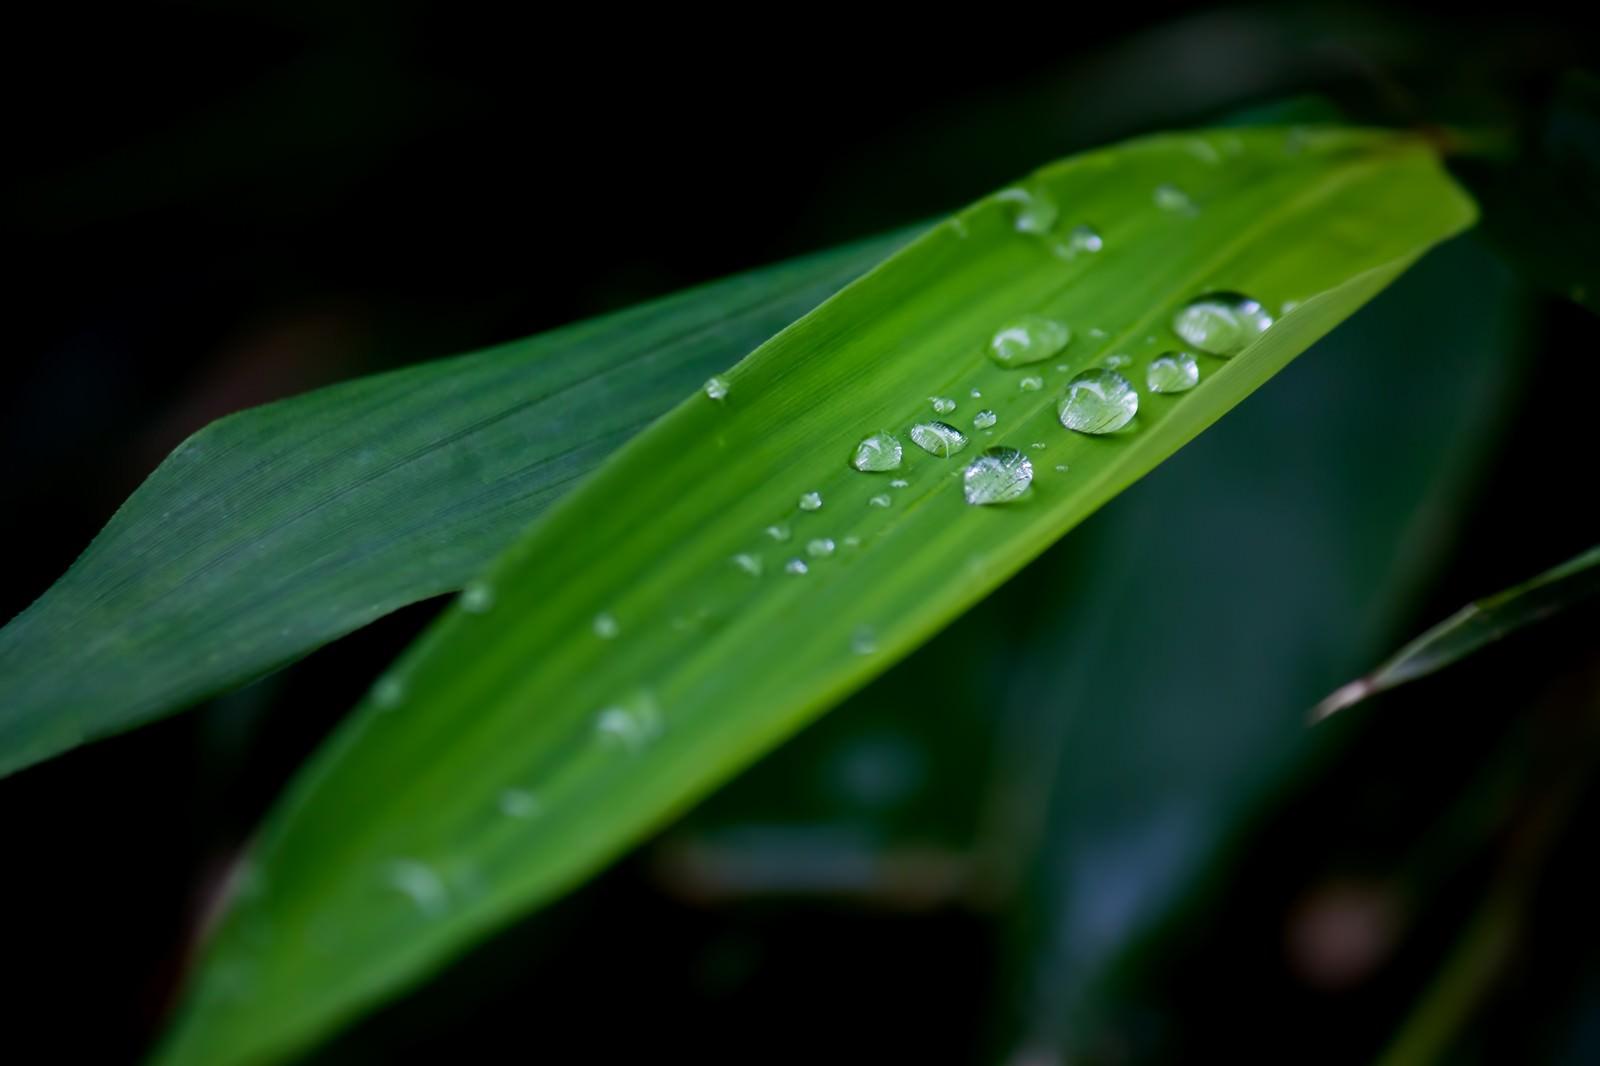 「水滴がついた笹の葉」の写真